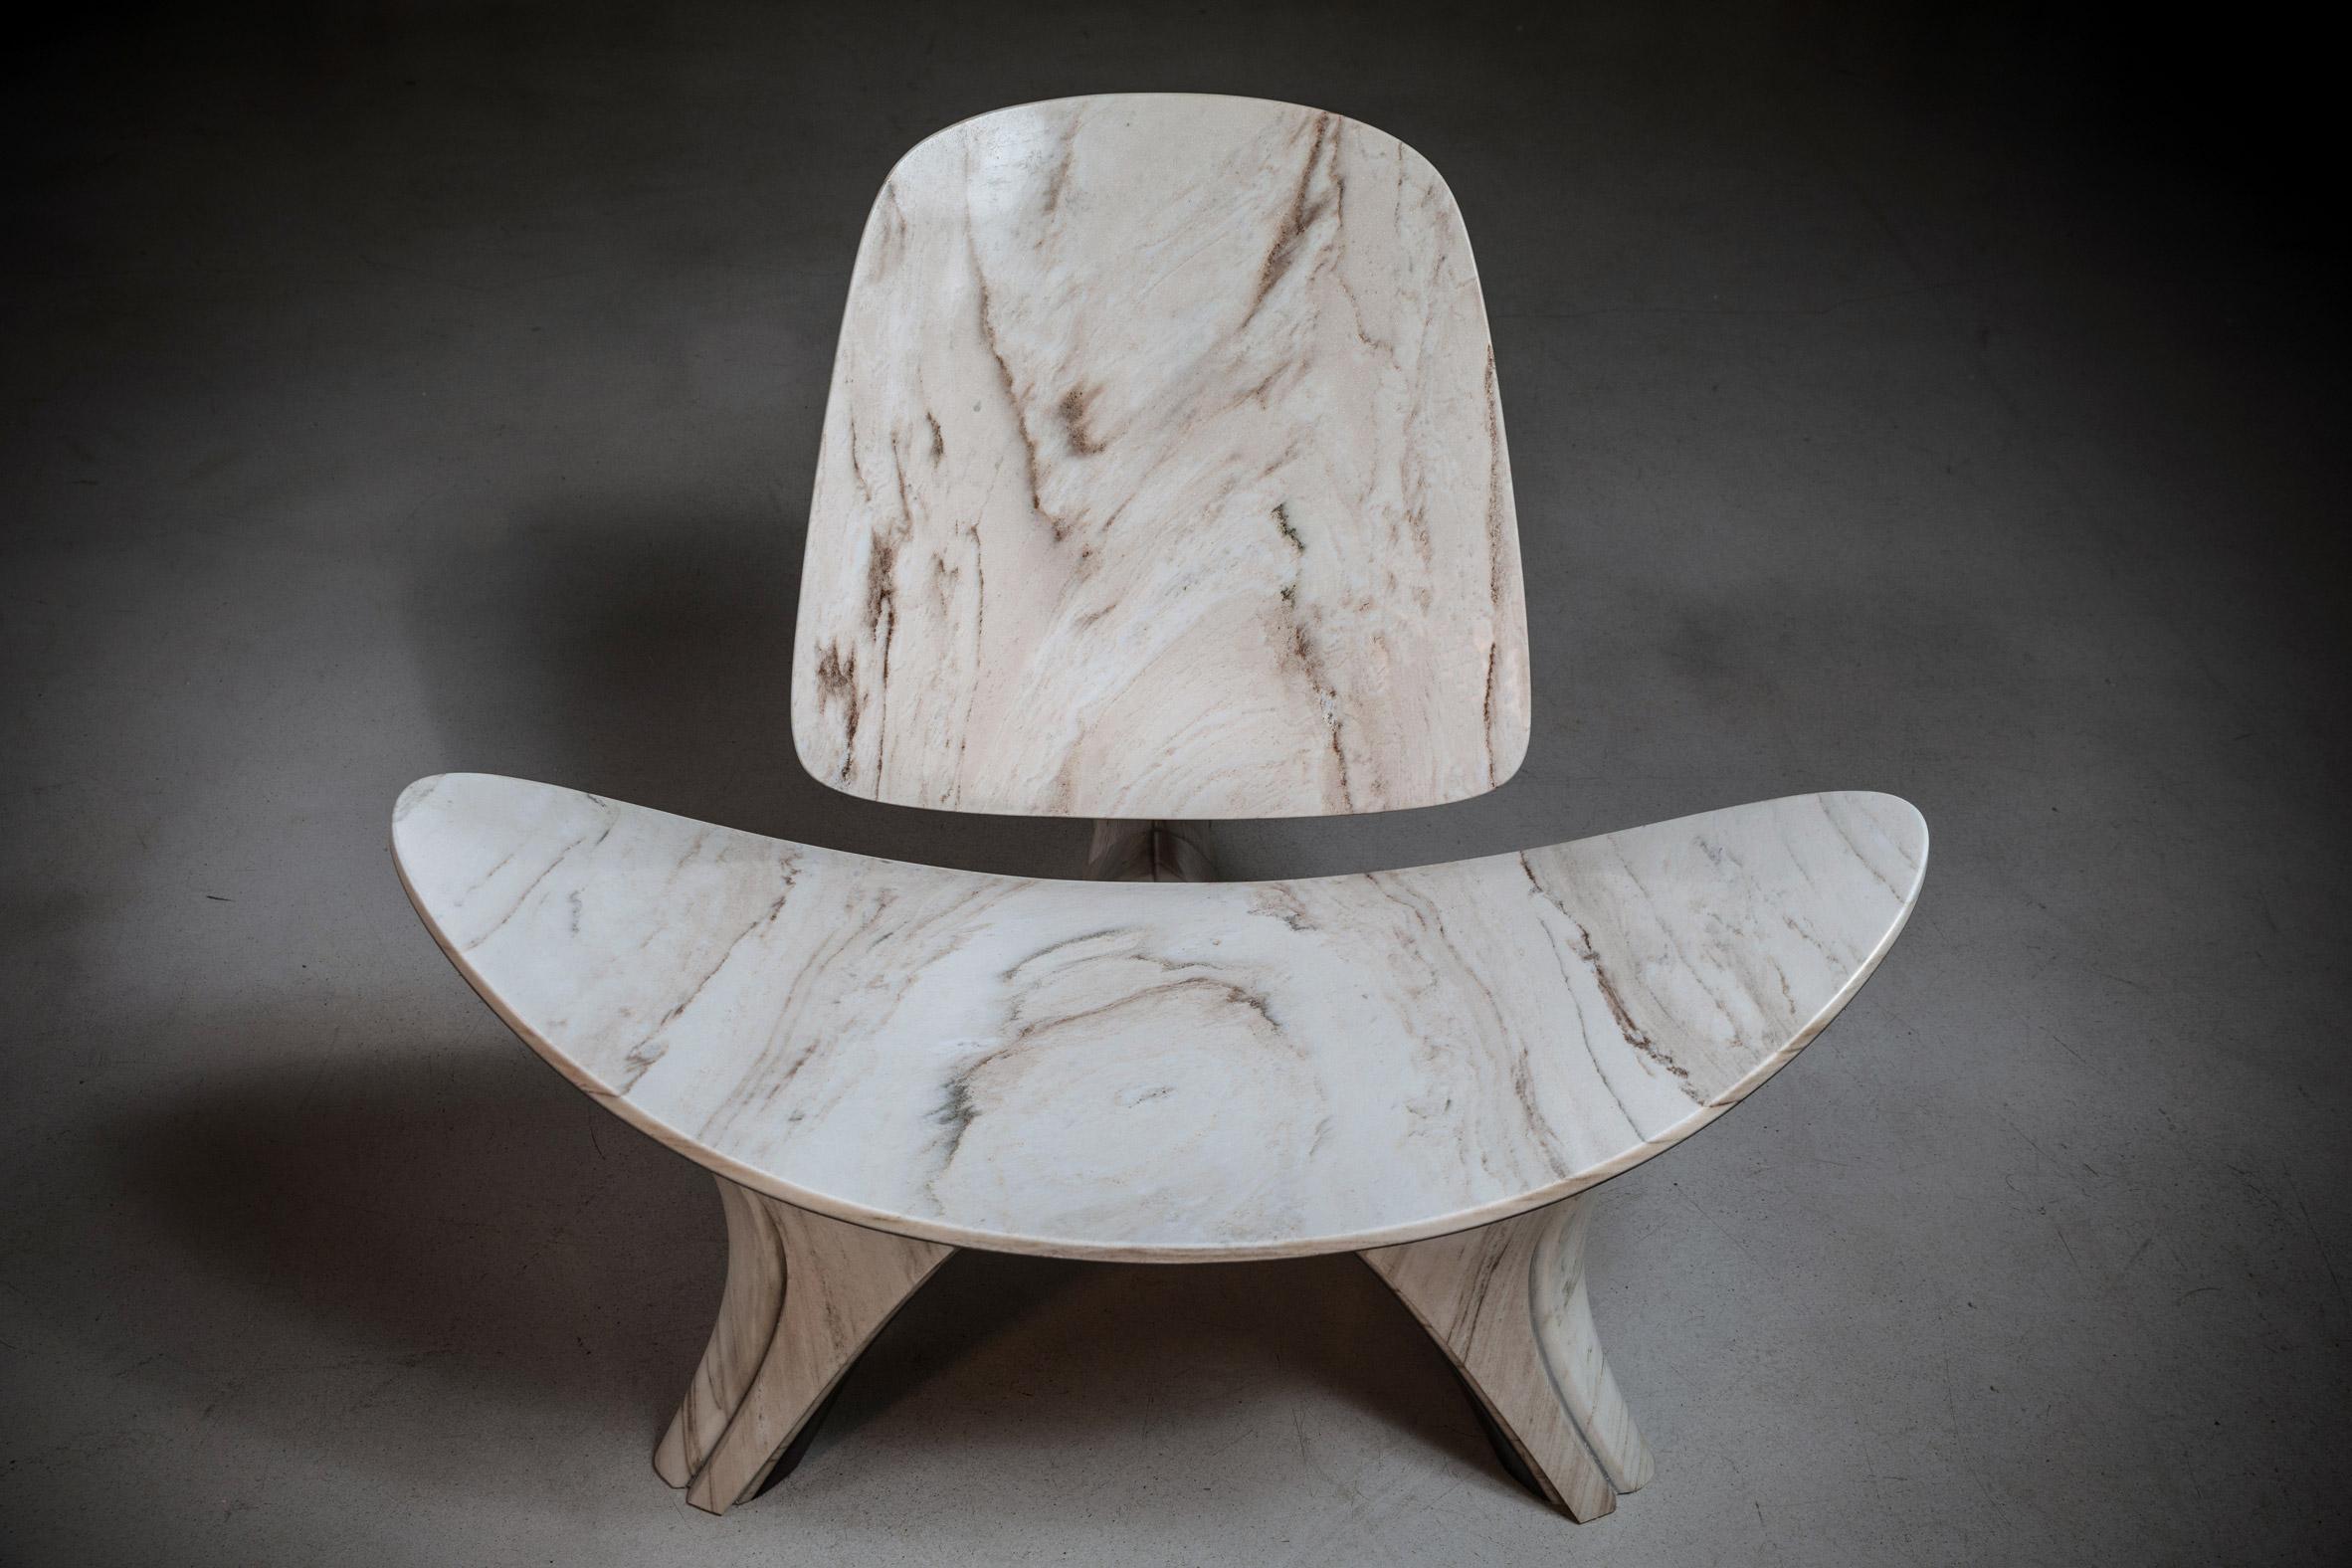 Escritório Zaha Hadid recria cadeira de Hans J Wegner em mármore